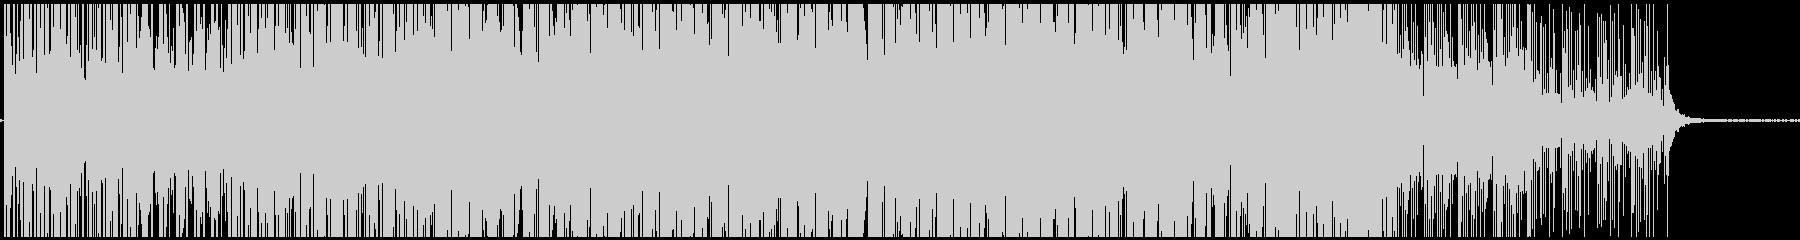 テクノ/Electronicaの未再生の波形